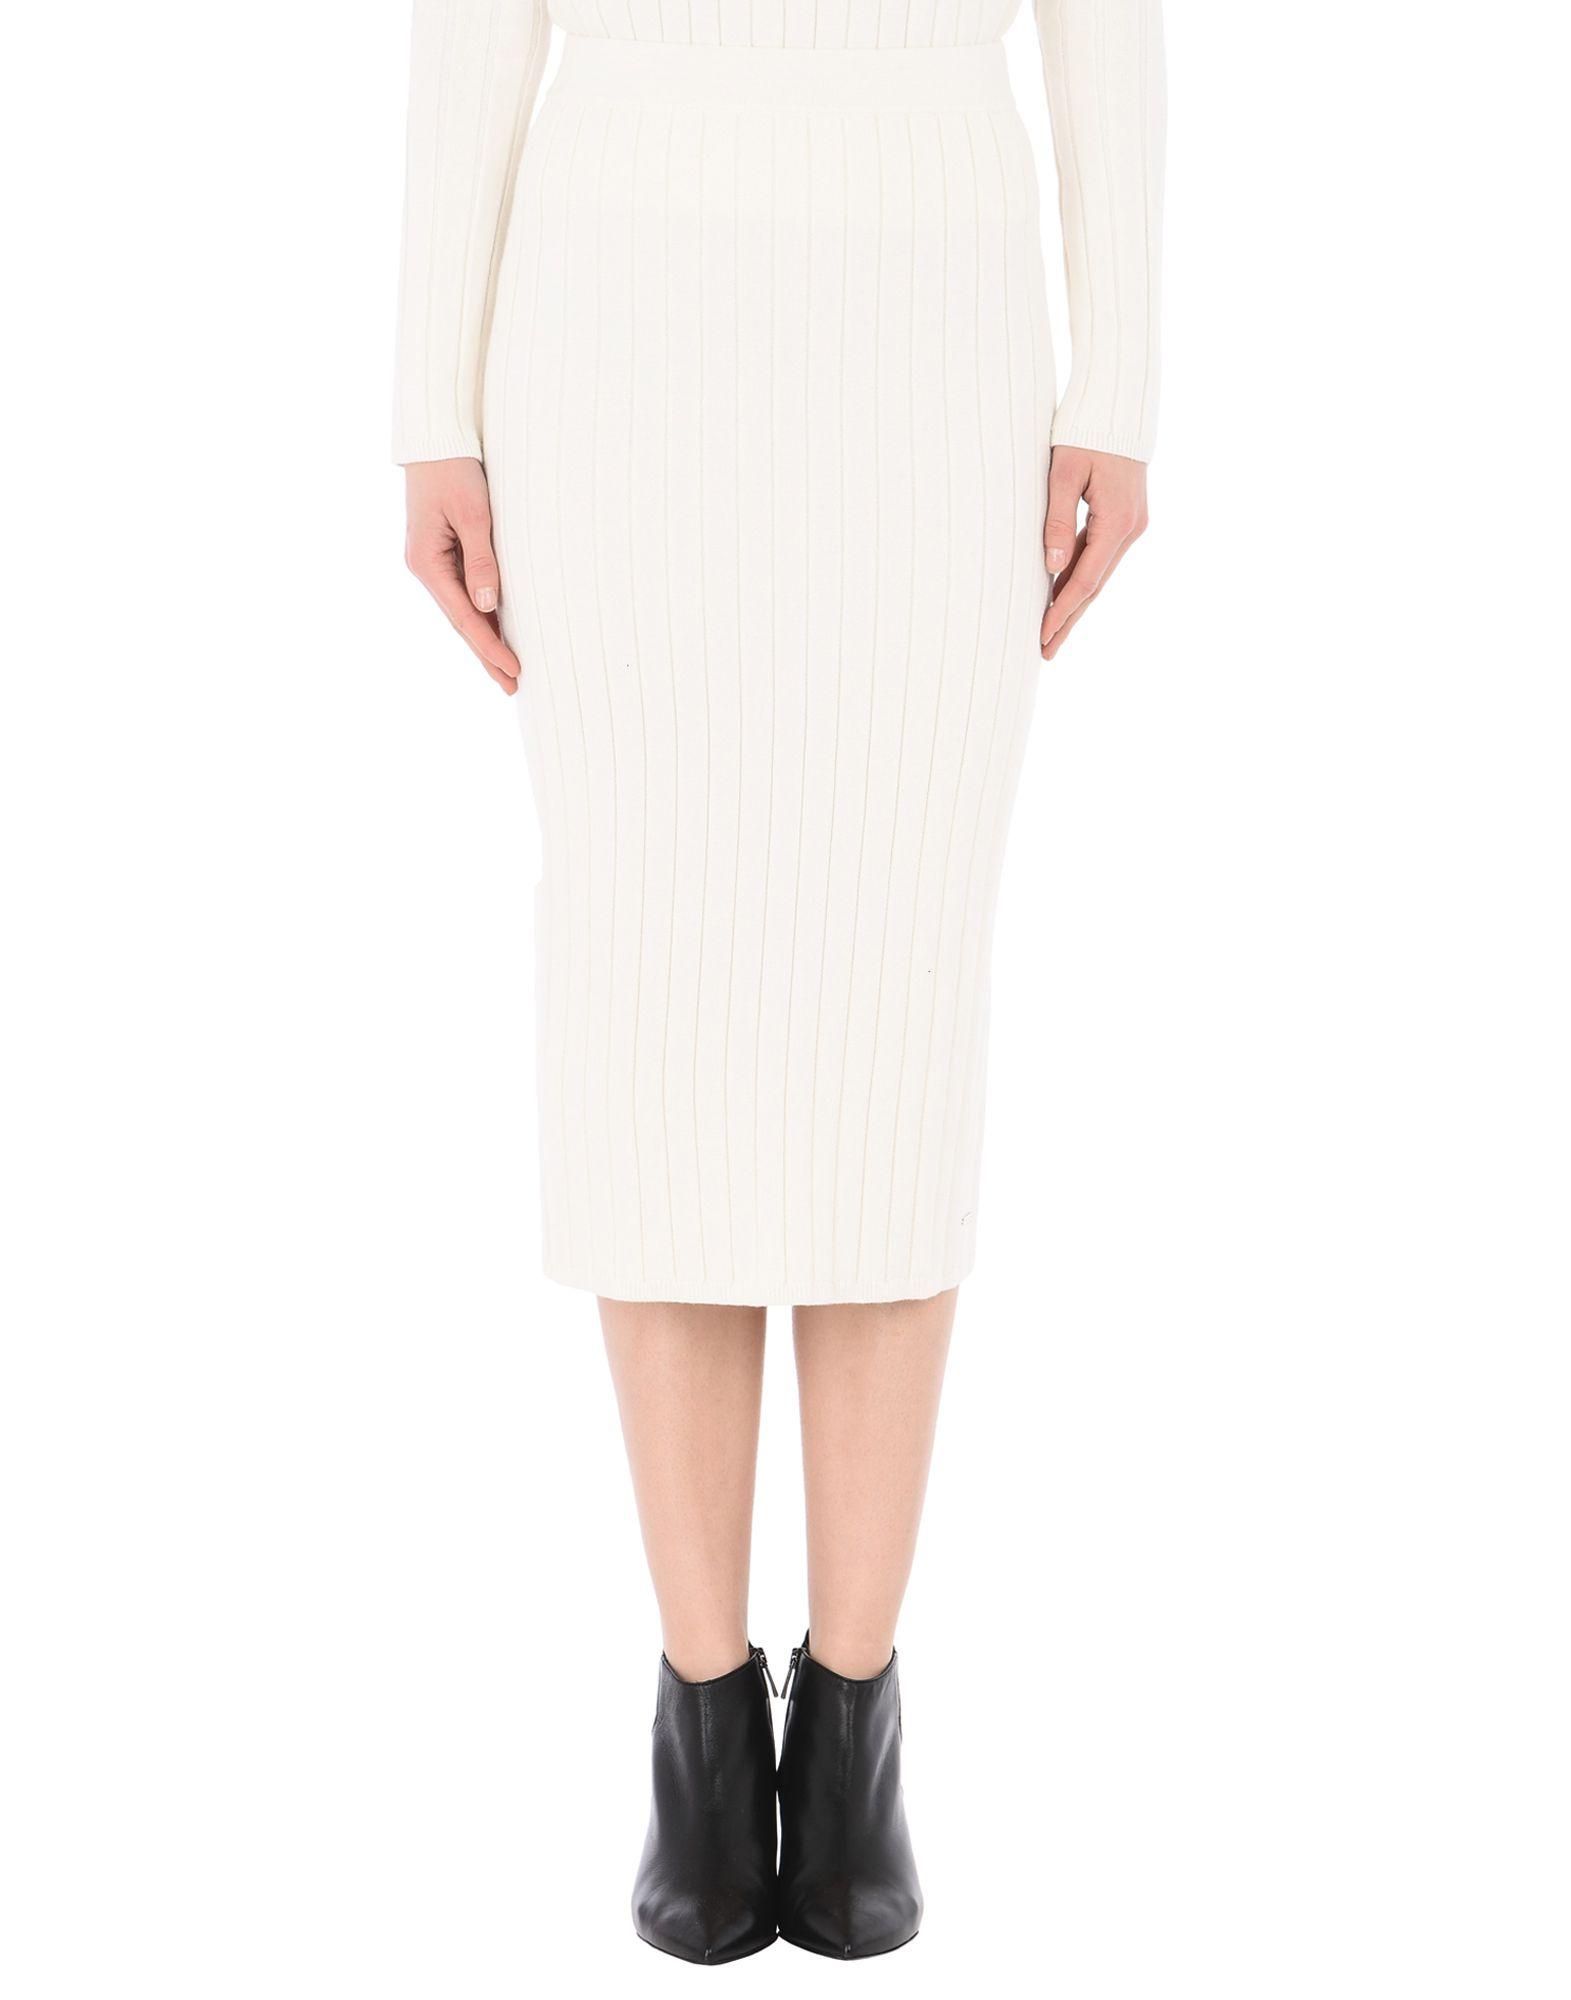 Gonna Longuette Calvin Klein Jeans Donna - Acquista online su 5Ew4FfjE4I